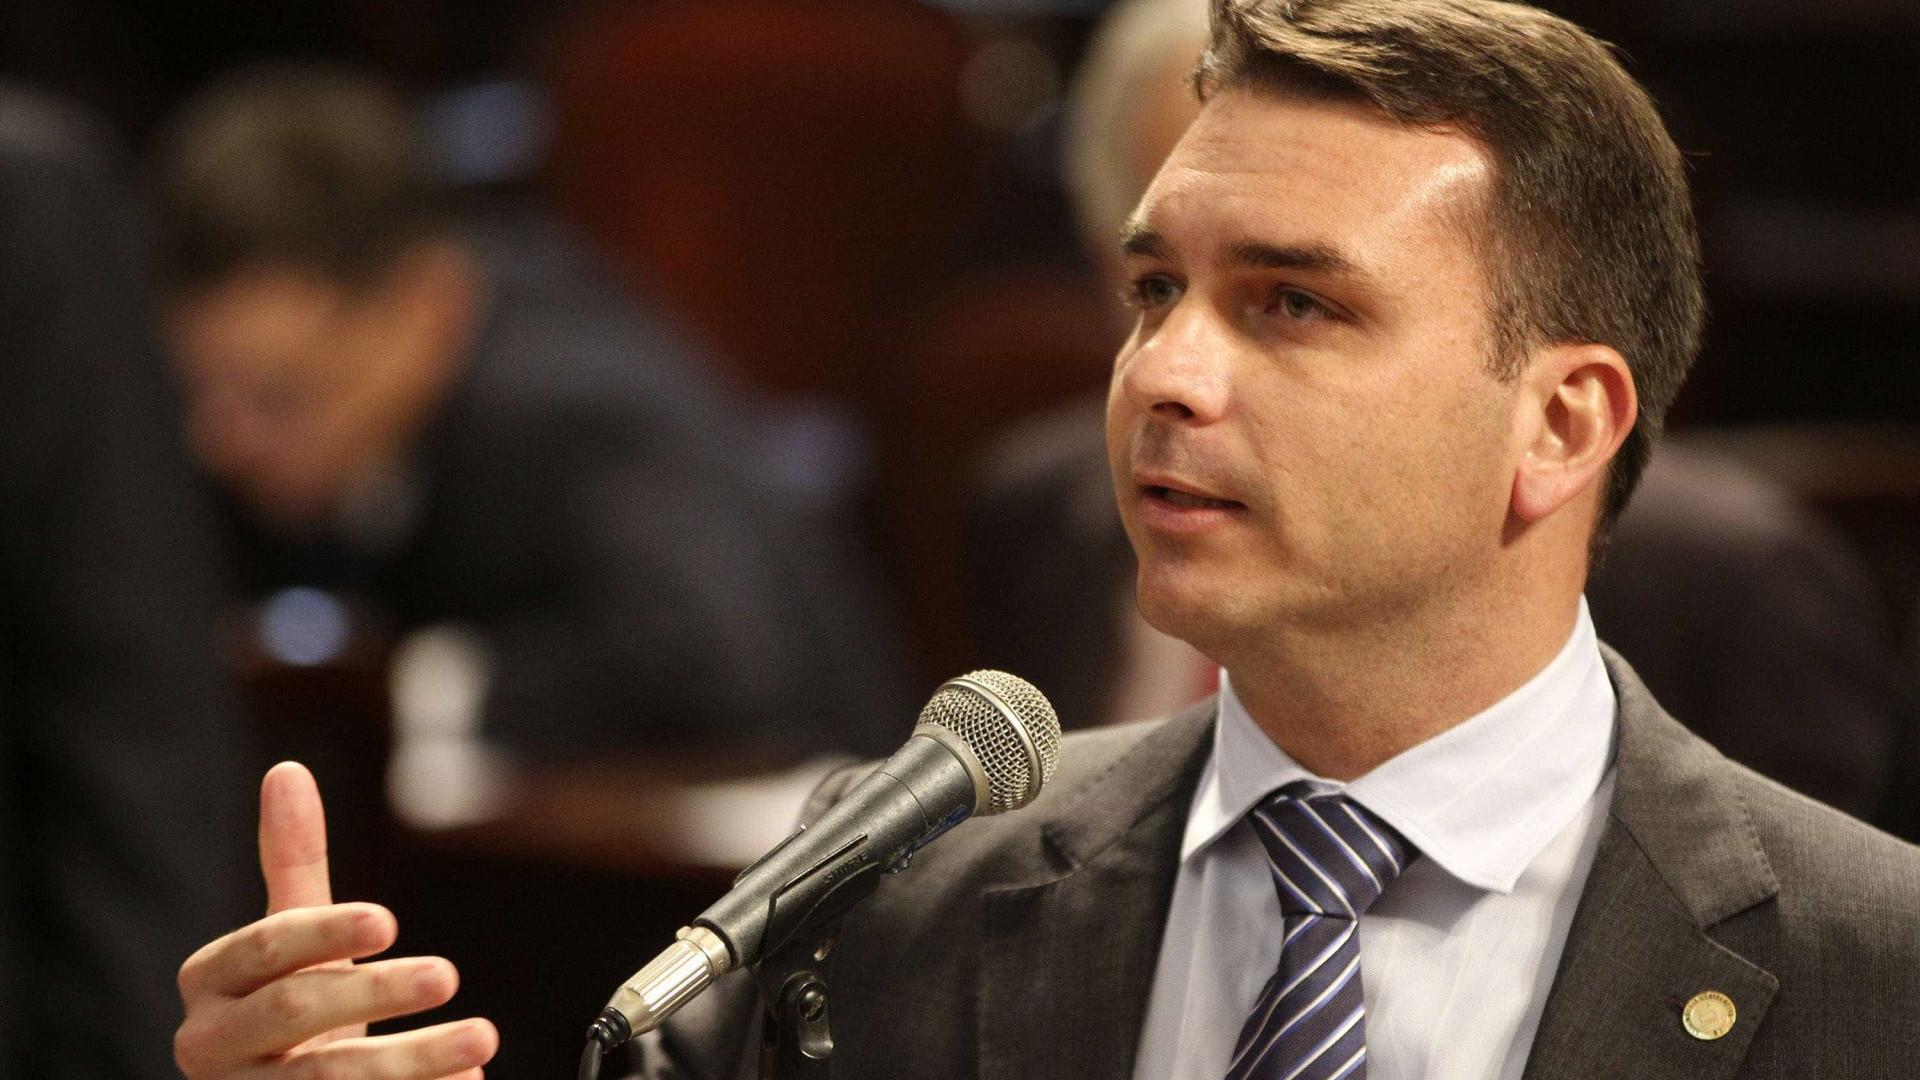 'Vítima de uma campanha difamatória', diz Flávio Bolsonaro